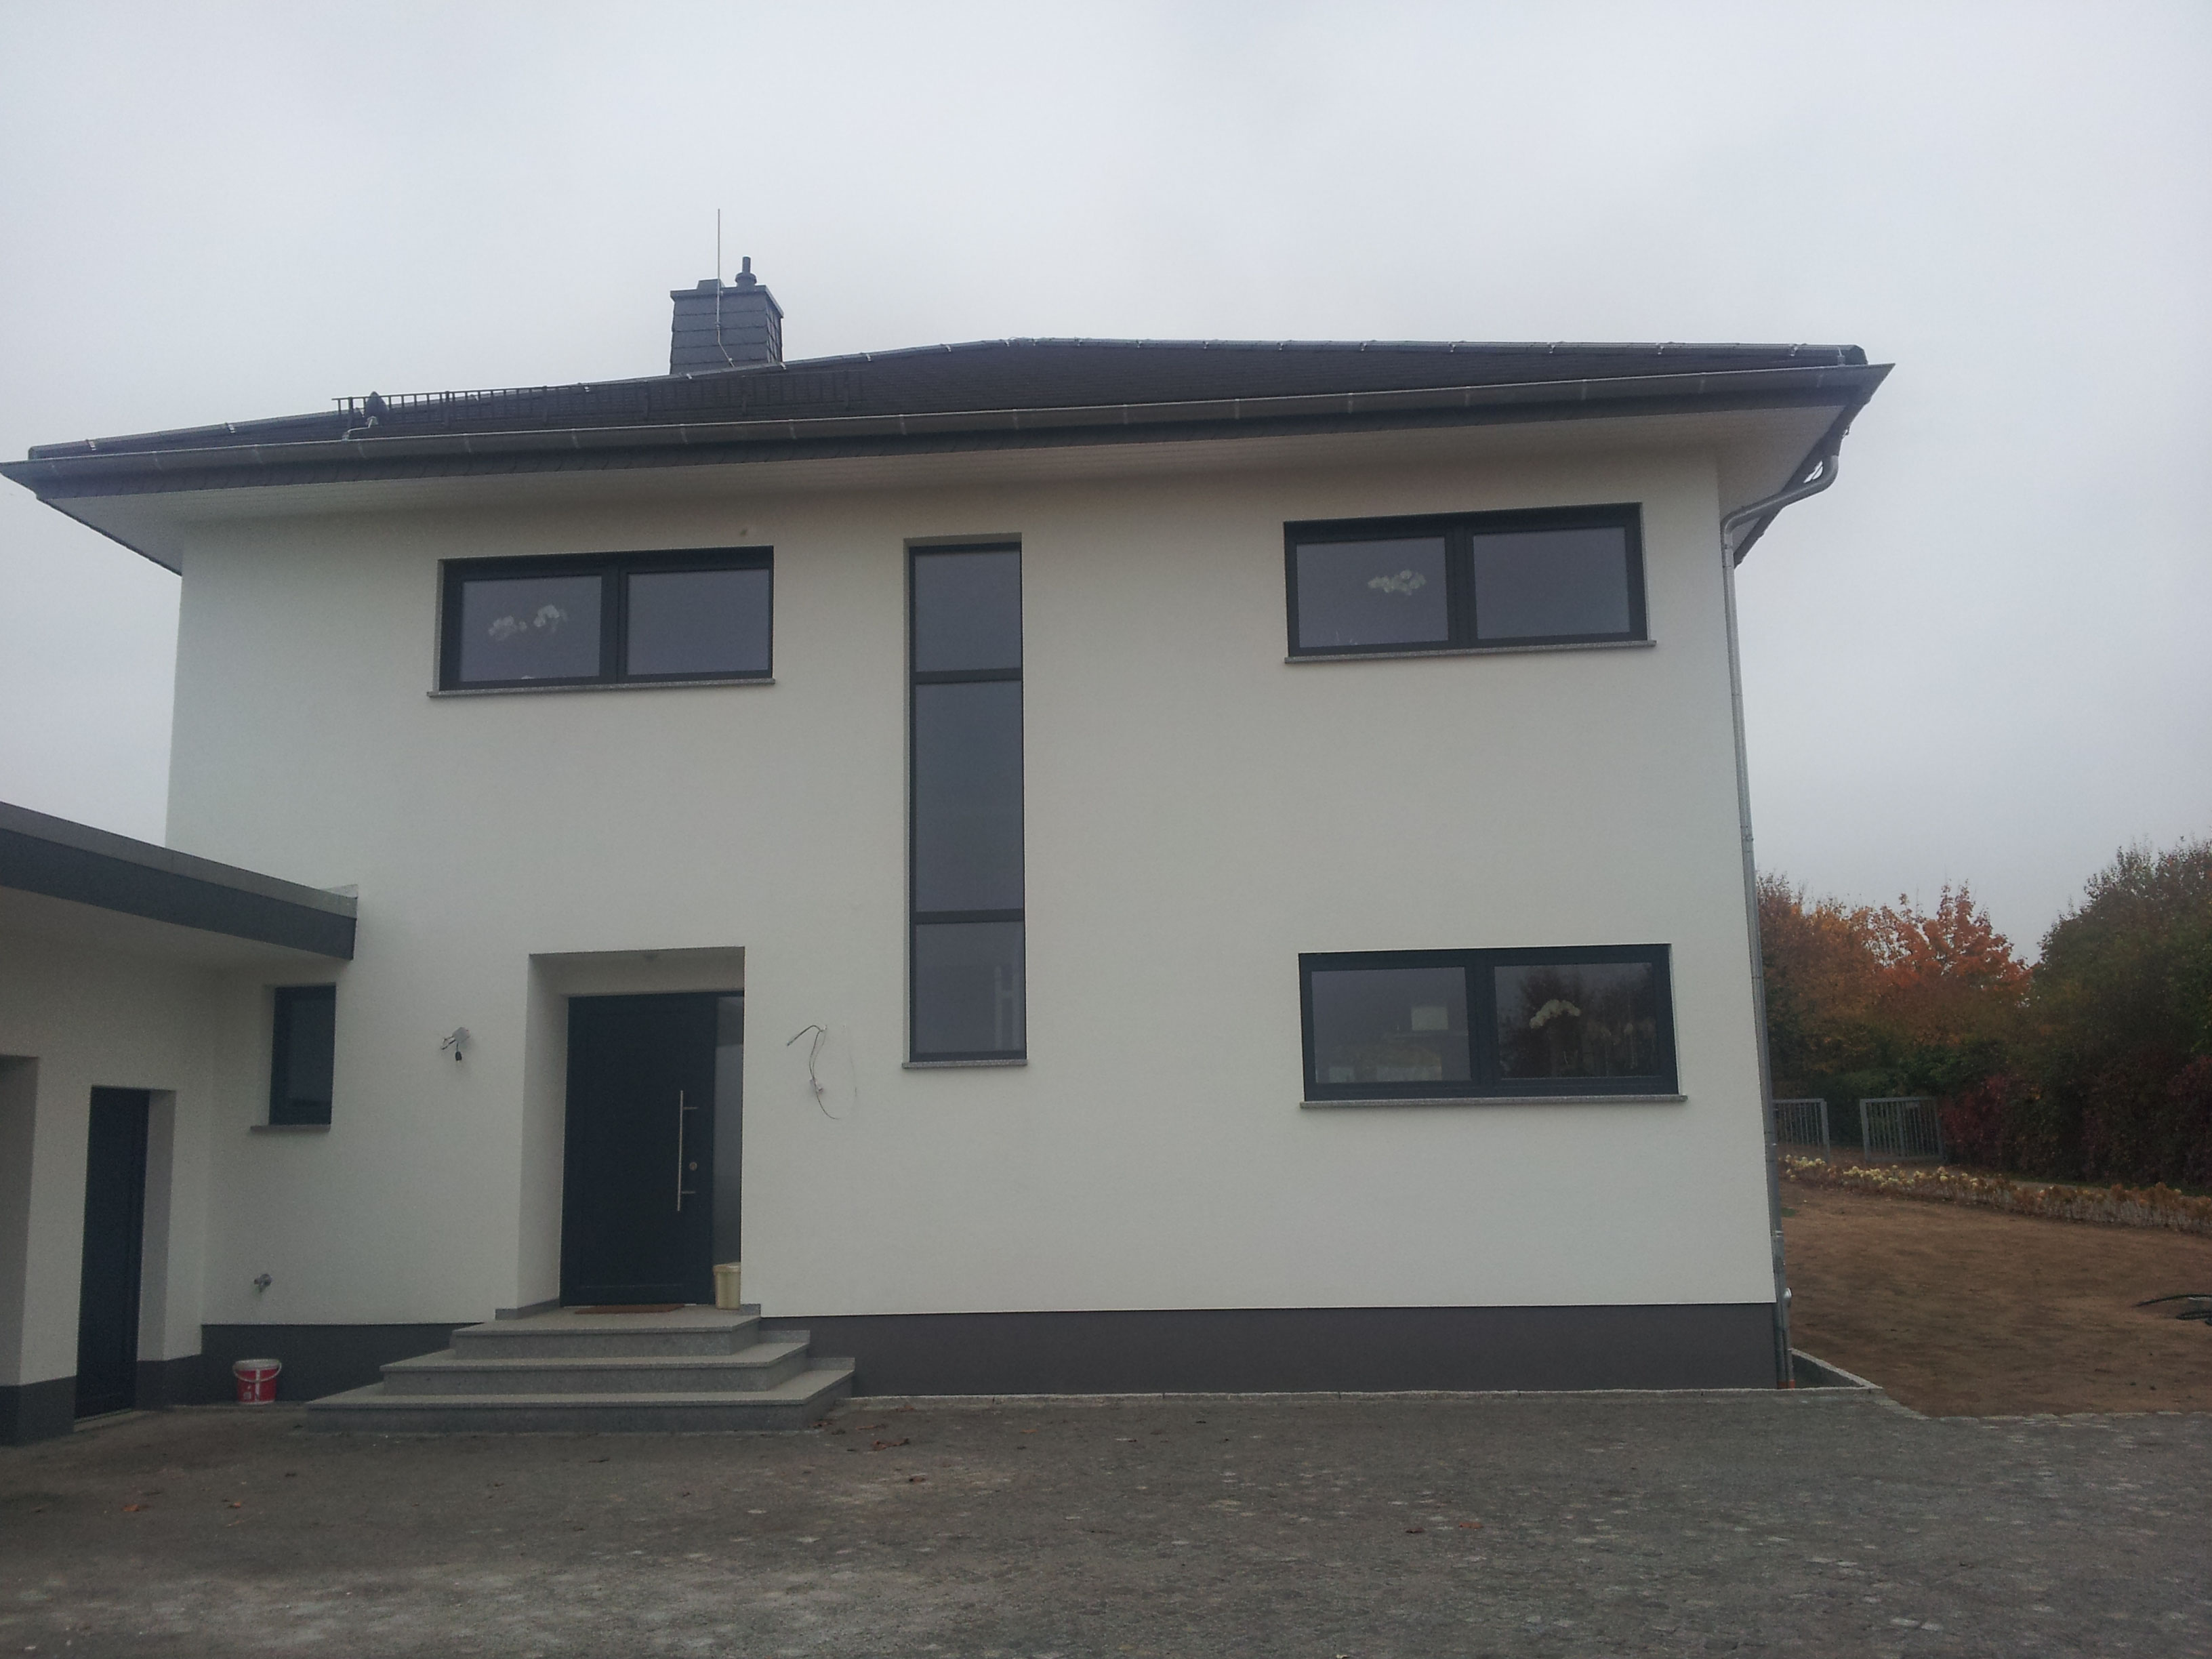 Einfamilienhaus neubau modern holz  Projekte - bartosch.architektur